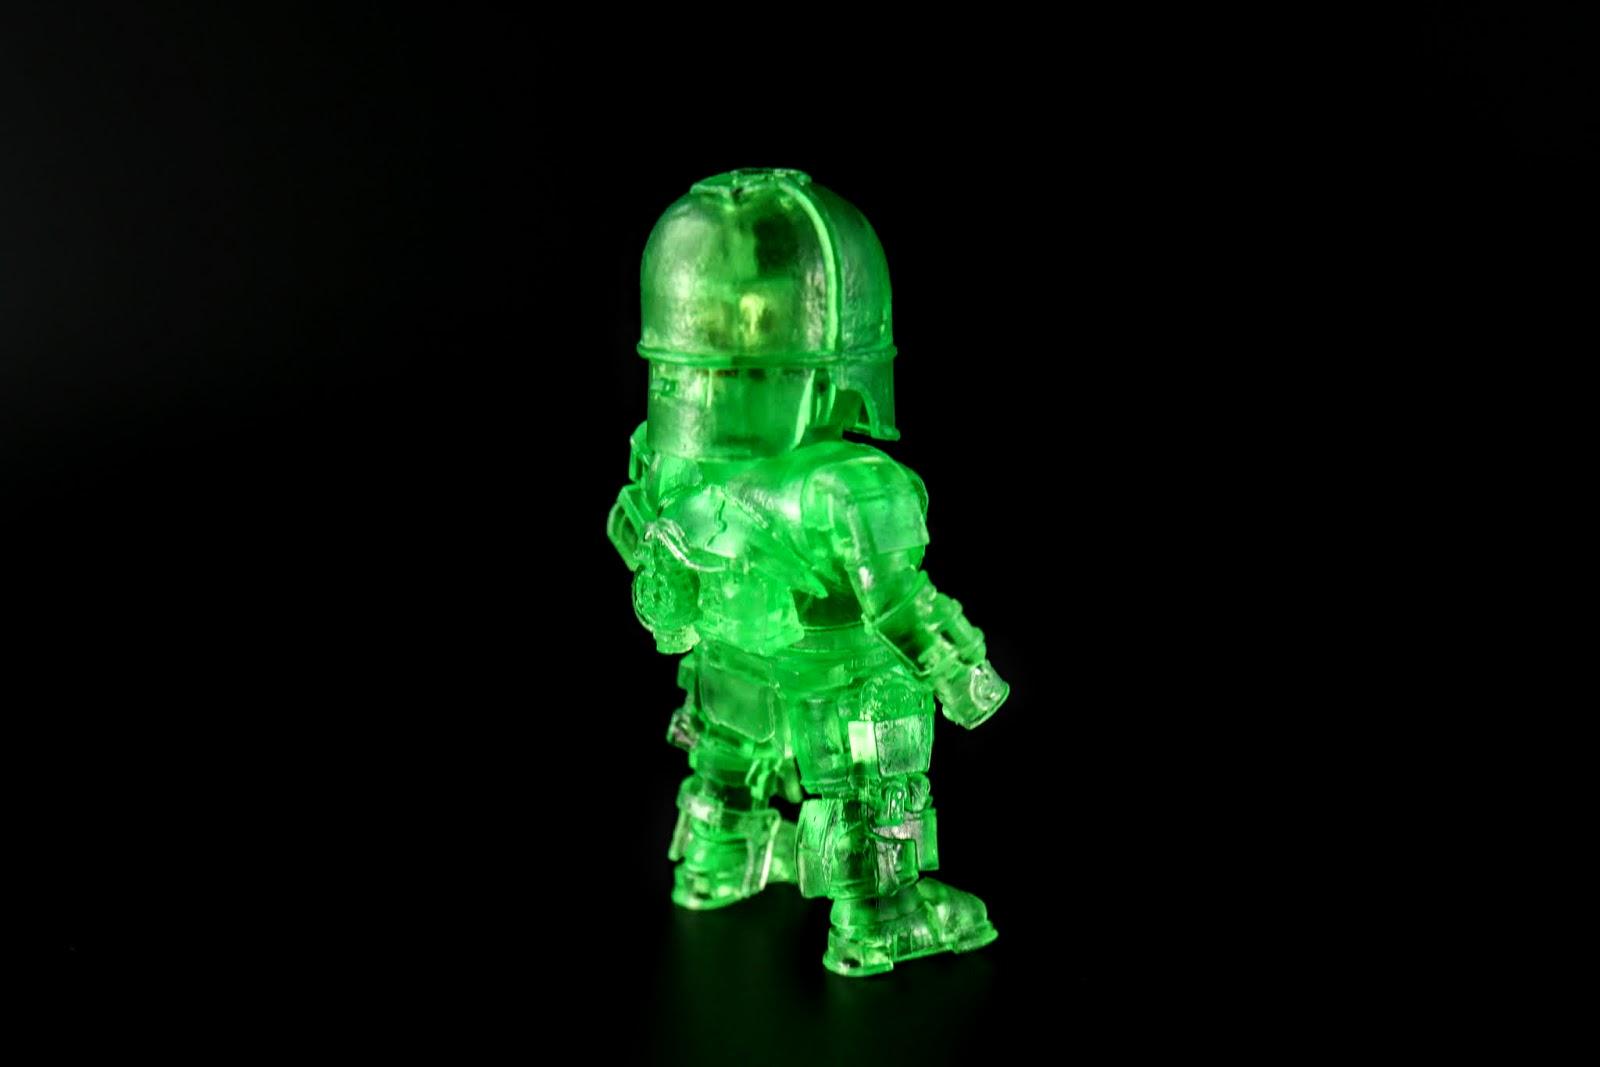 但是透明綠放在MK1上面感覺怪怪的~鬼魂嗎?